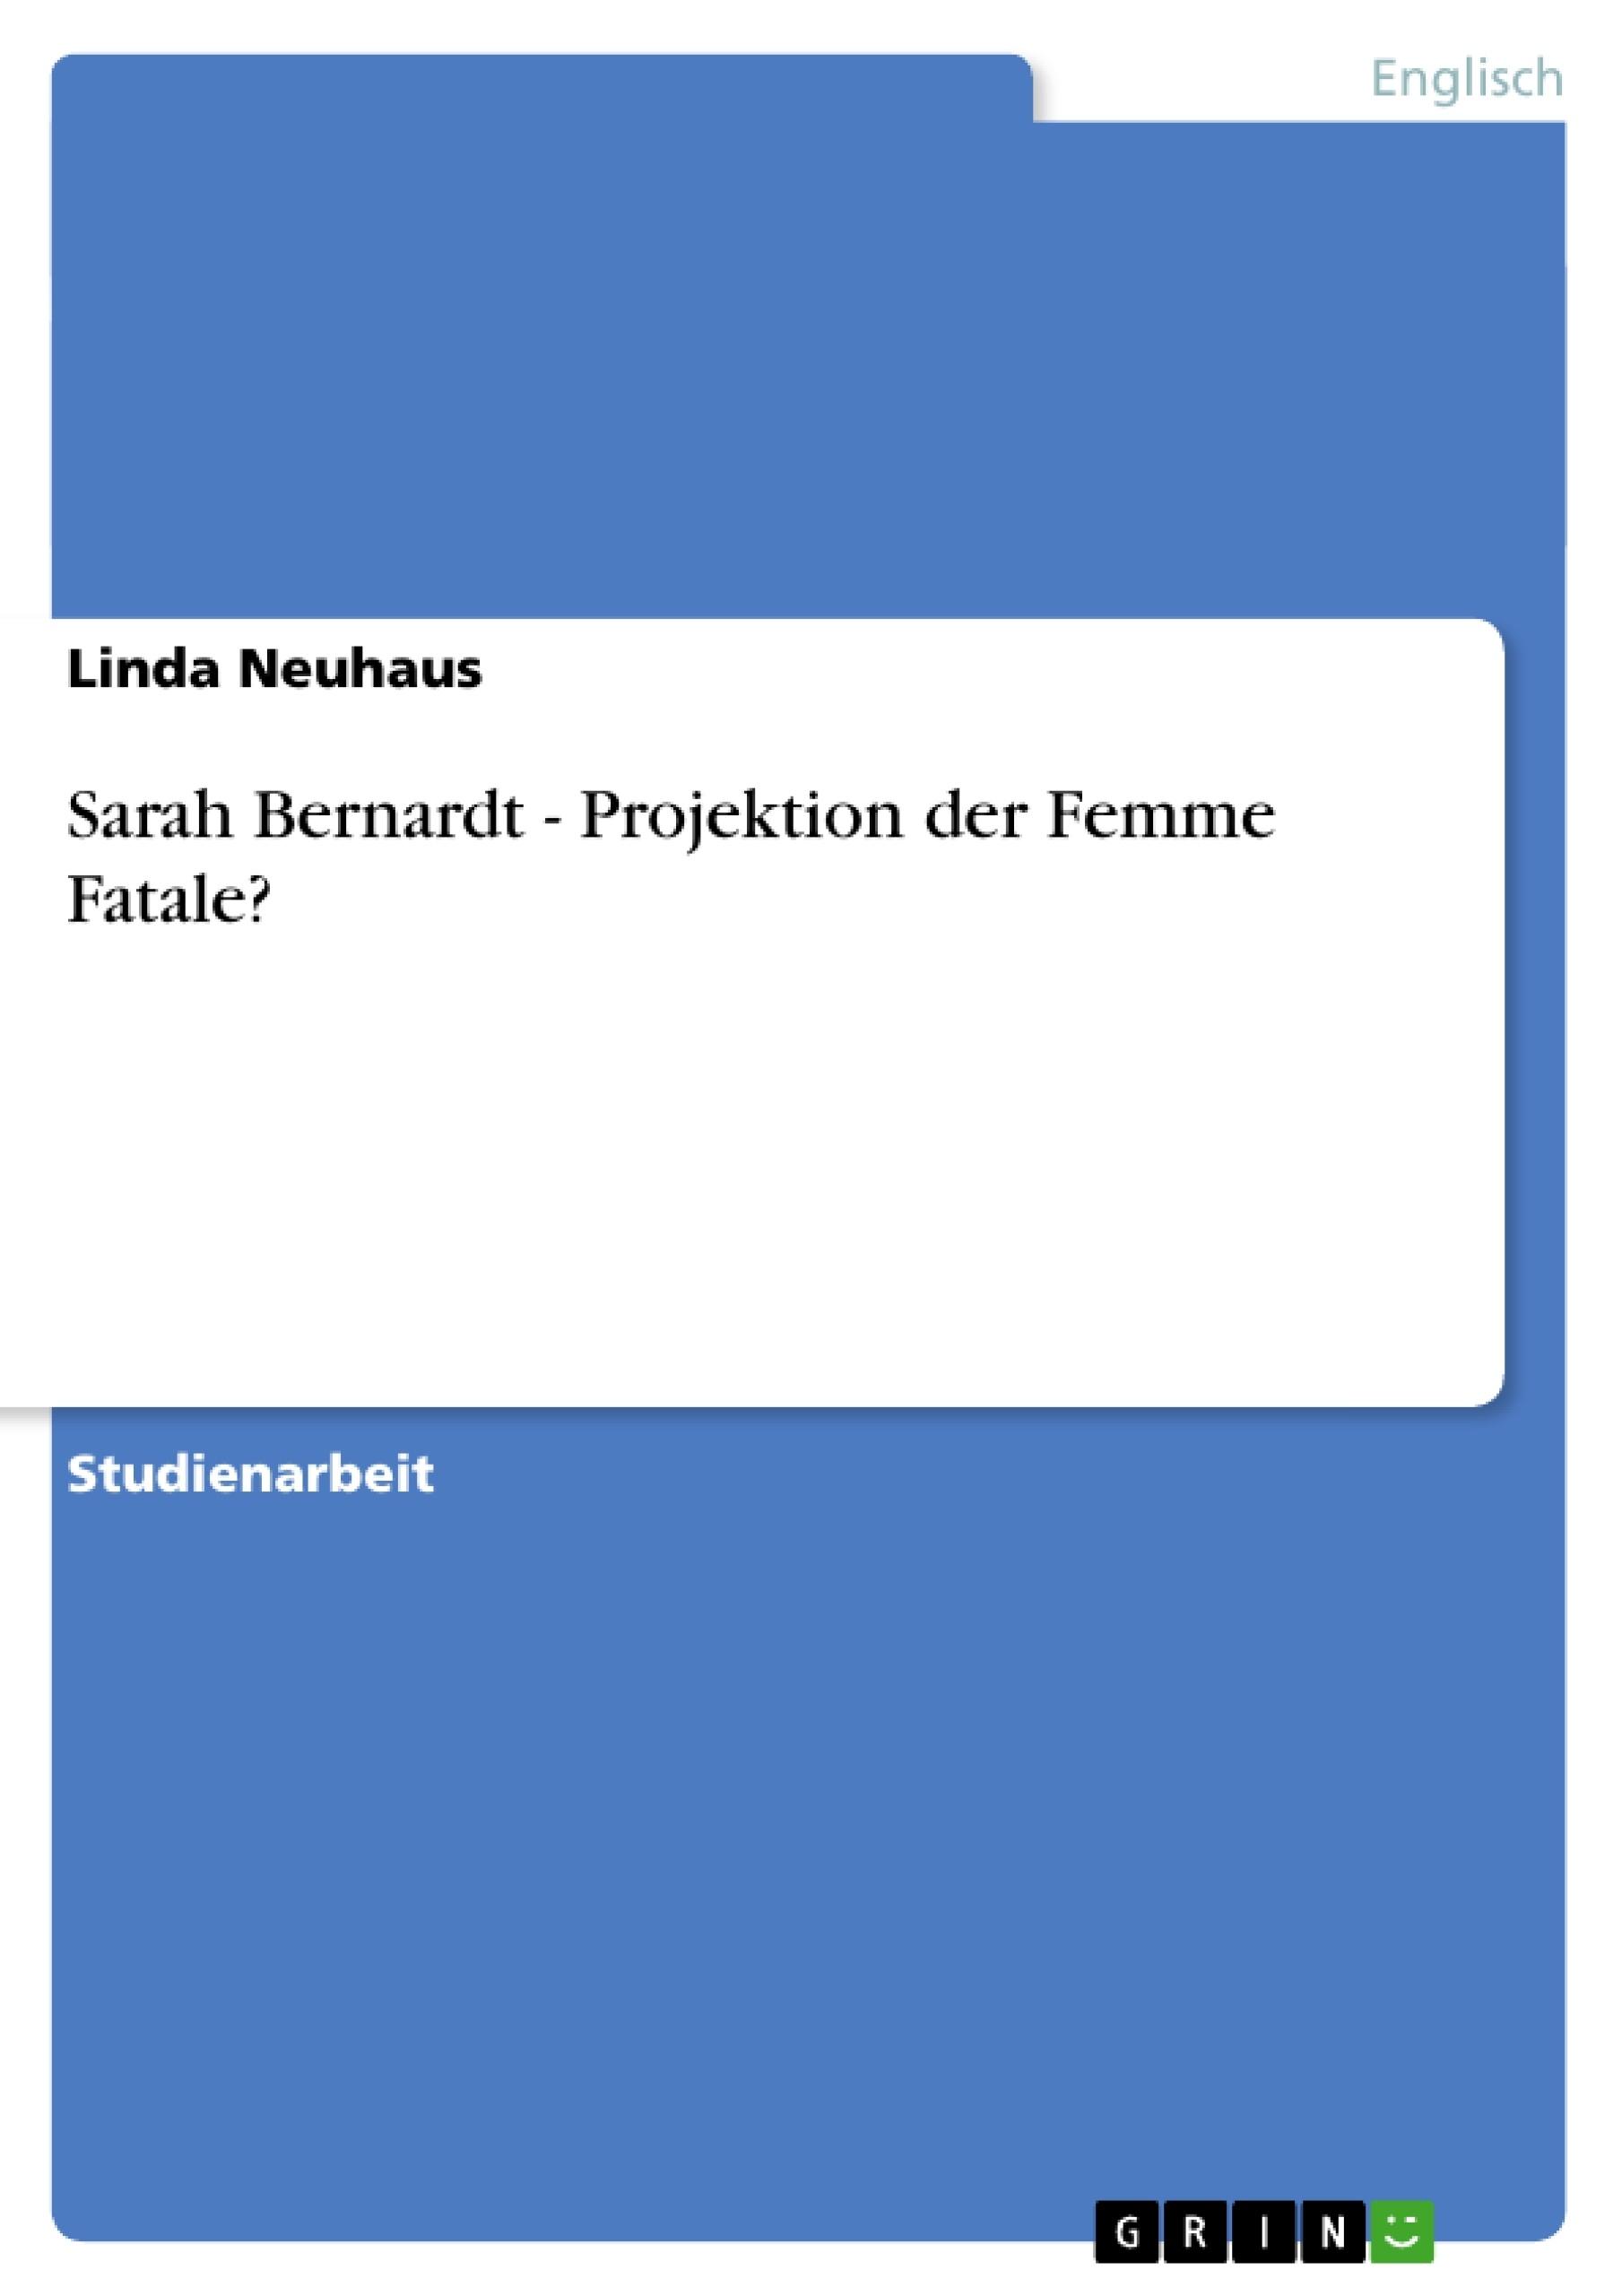 Titel: Sarah Bernardt - Projektion der Femme Fatale?